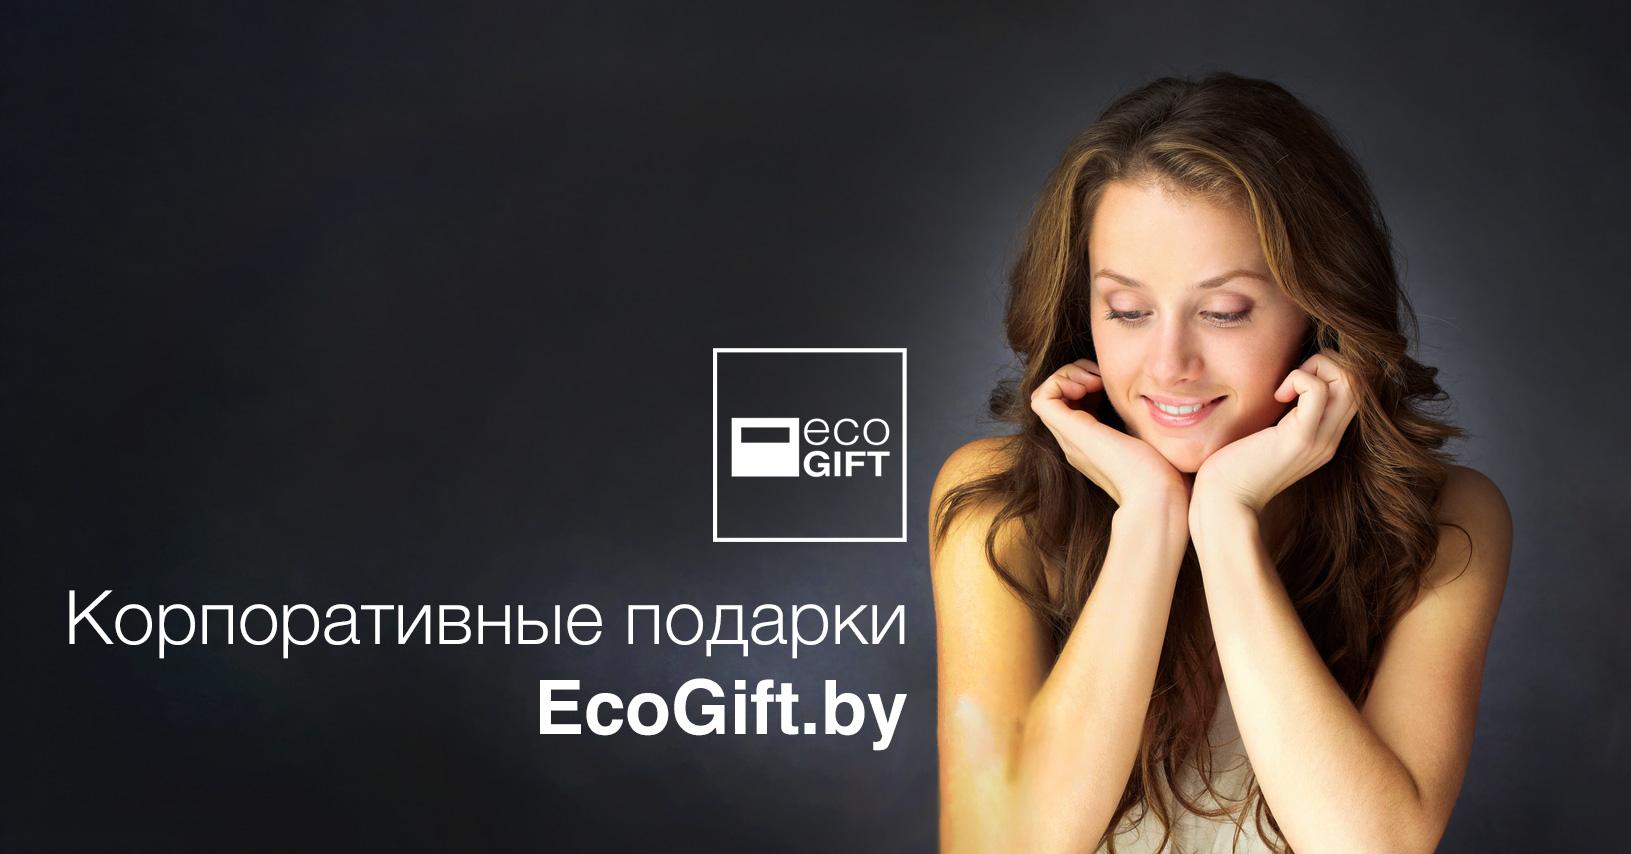 EcoGift.by — корпоративные подарки с логотипом